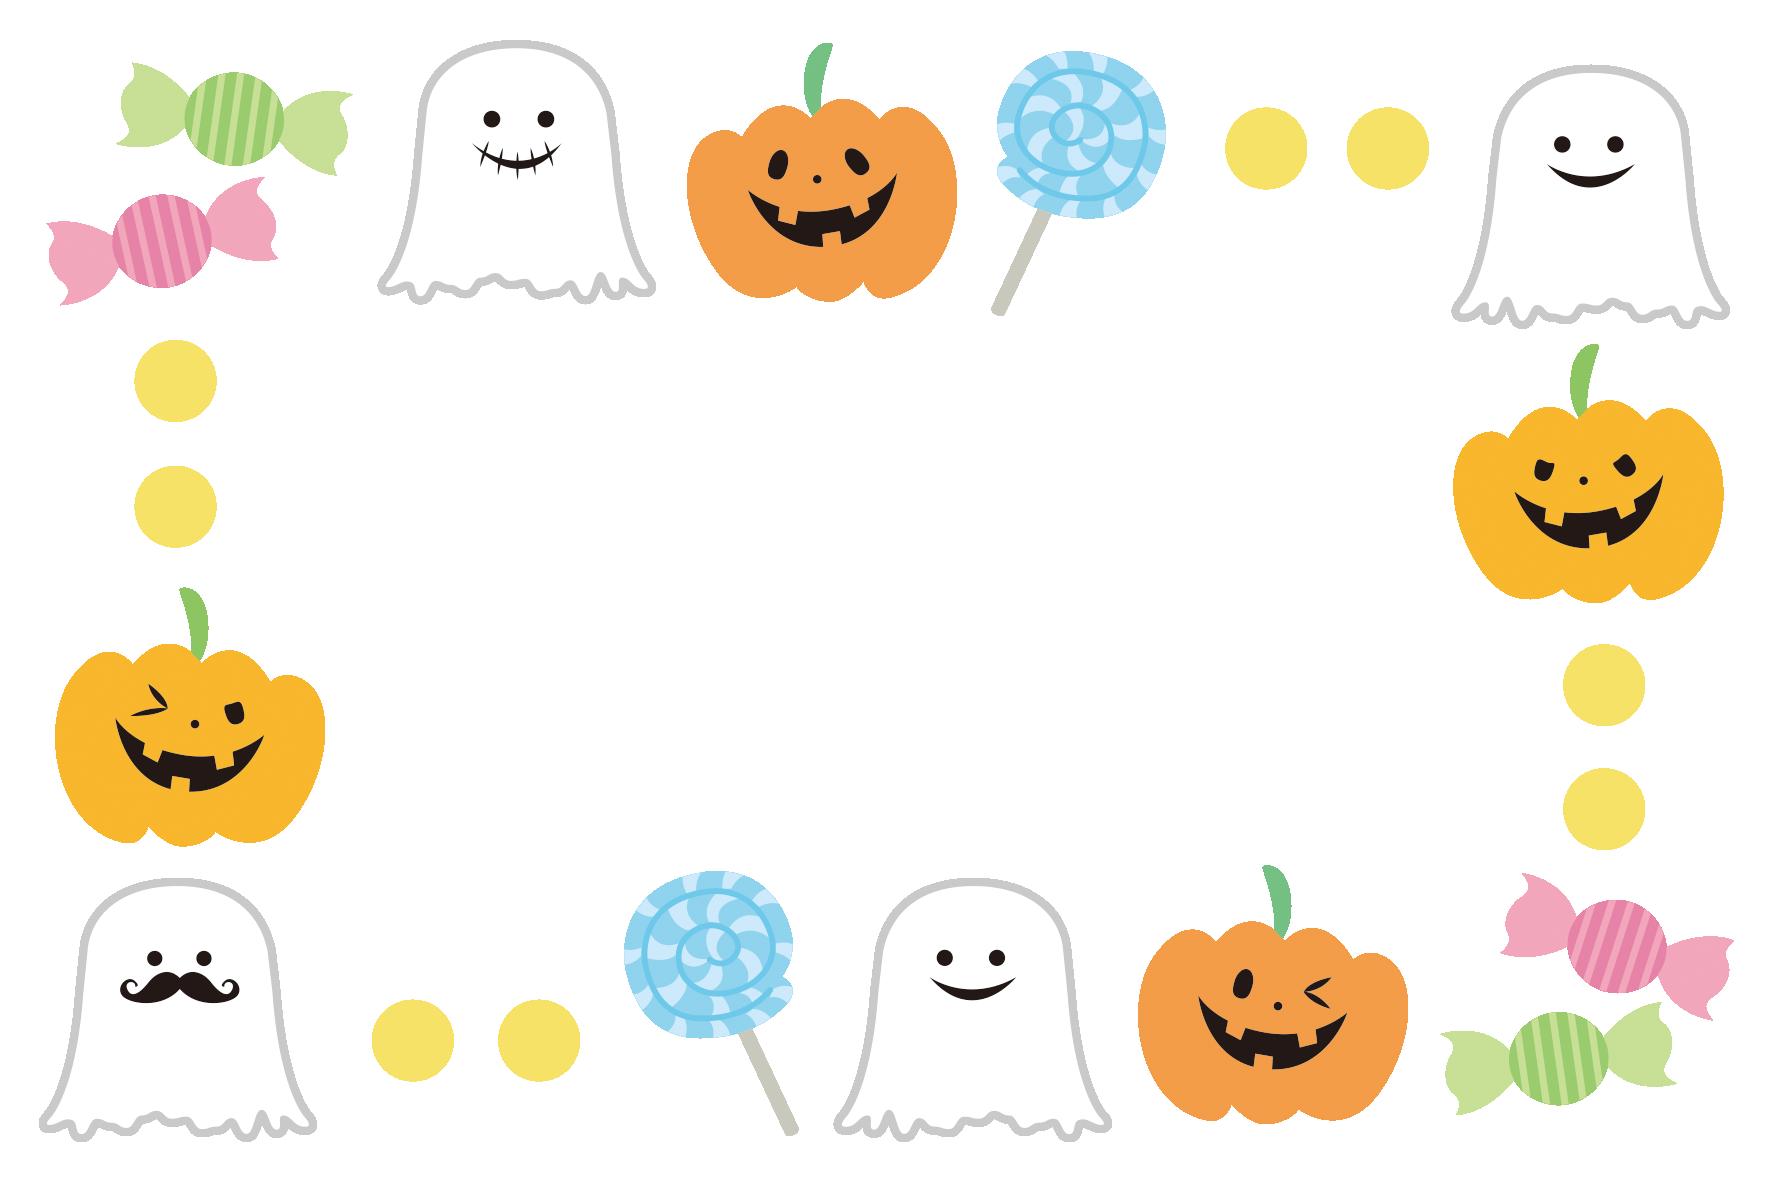 ハロウィンイメージの楽しい飾り枠です。かぼちゃ・お菓子・お化けのイラストも可愛い!ポストカードに印刷して、メッセージカードにしても良さそうです♪